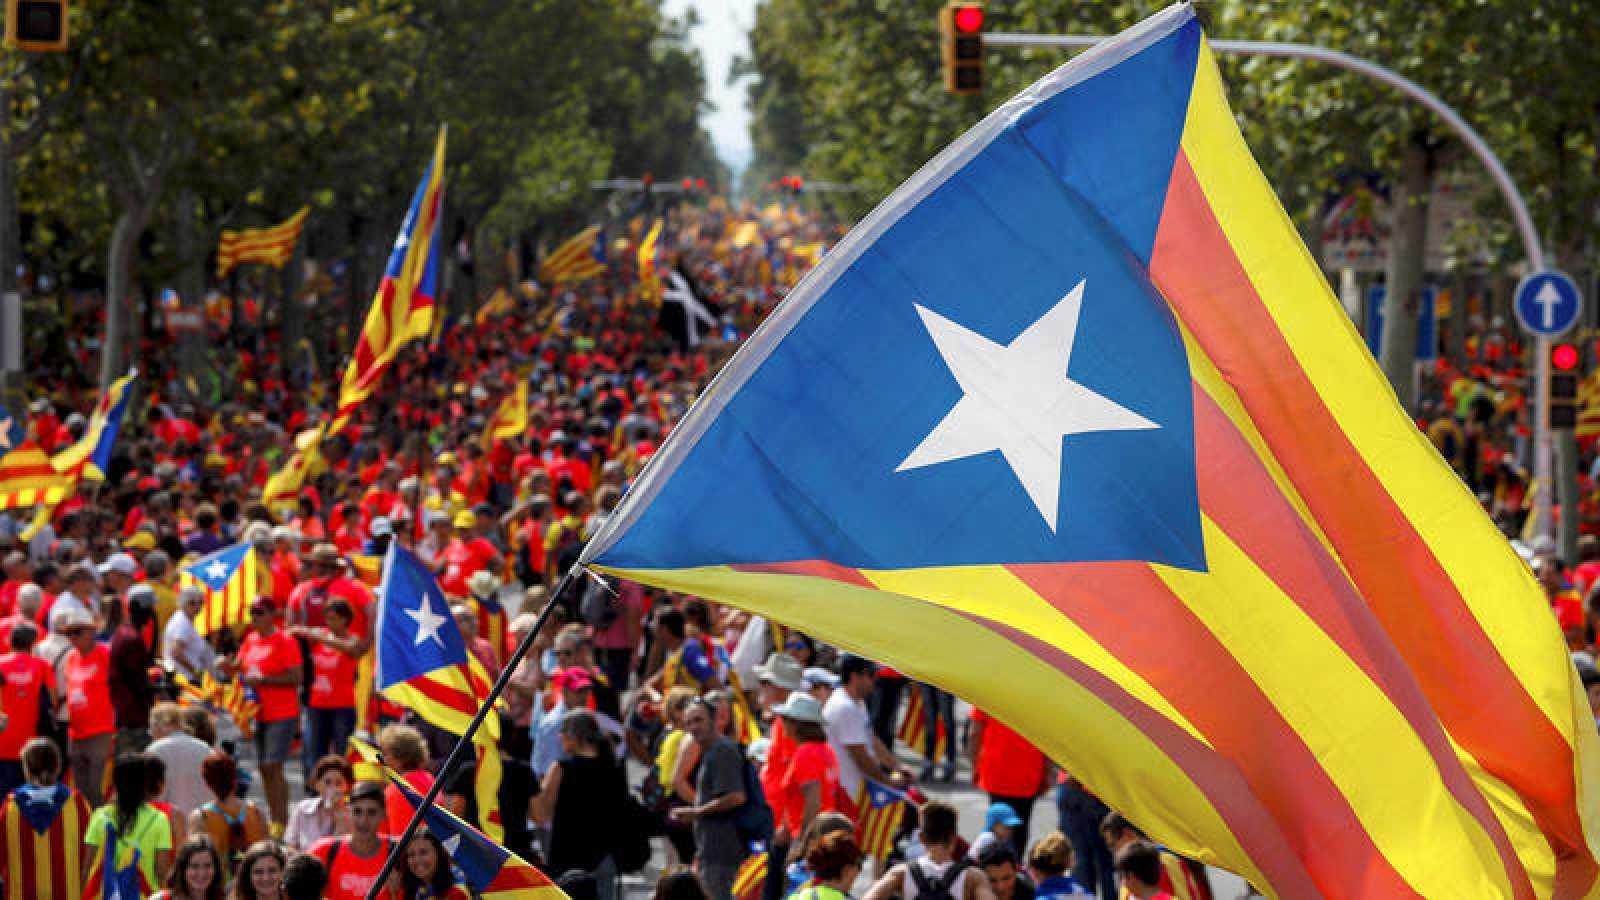 España: Iniciarán consulta entre independentistas y Gobierno sobre el futuro de Cataluña